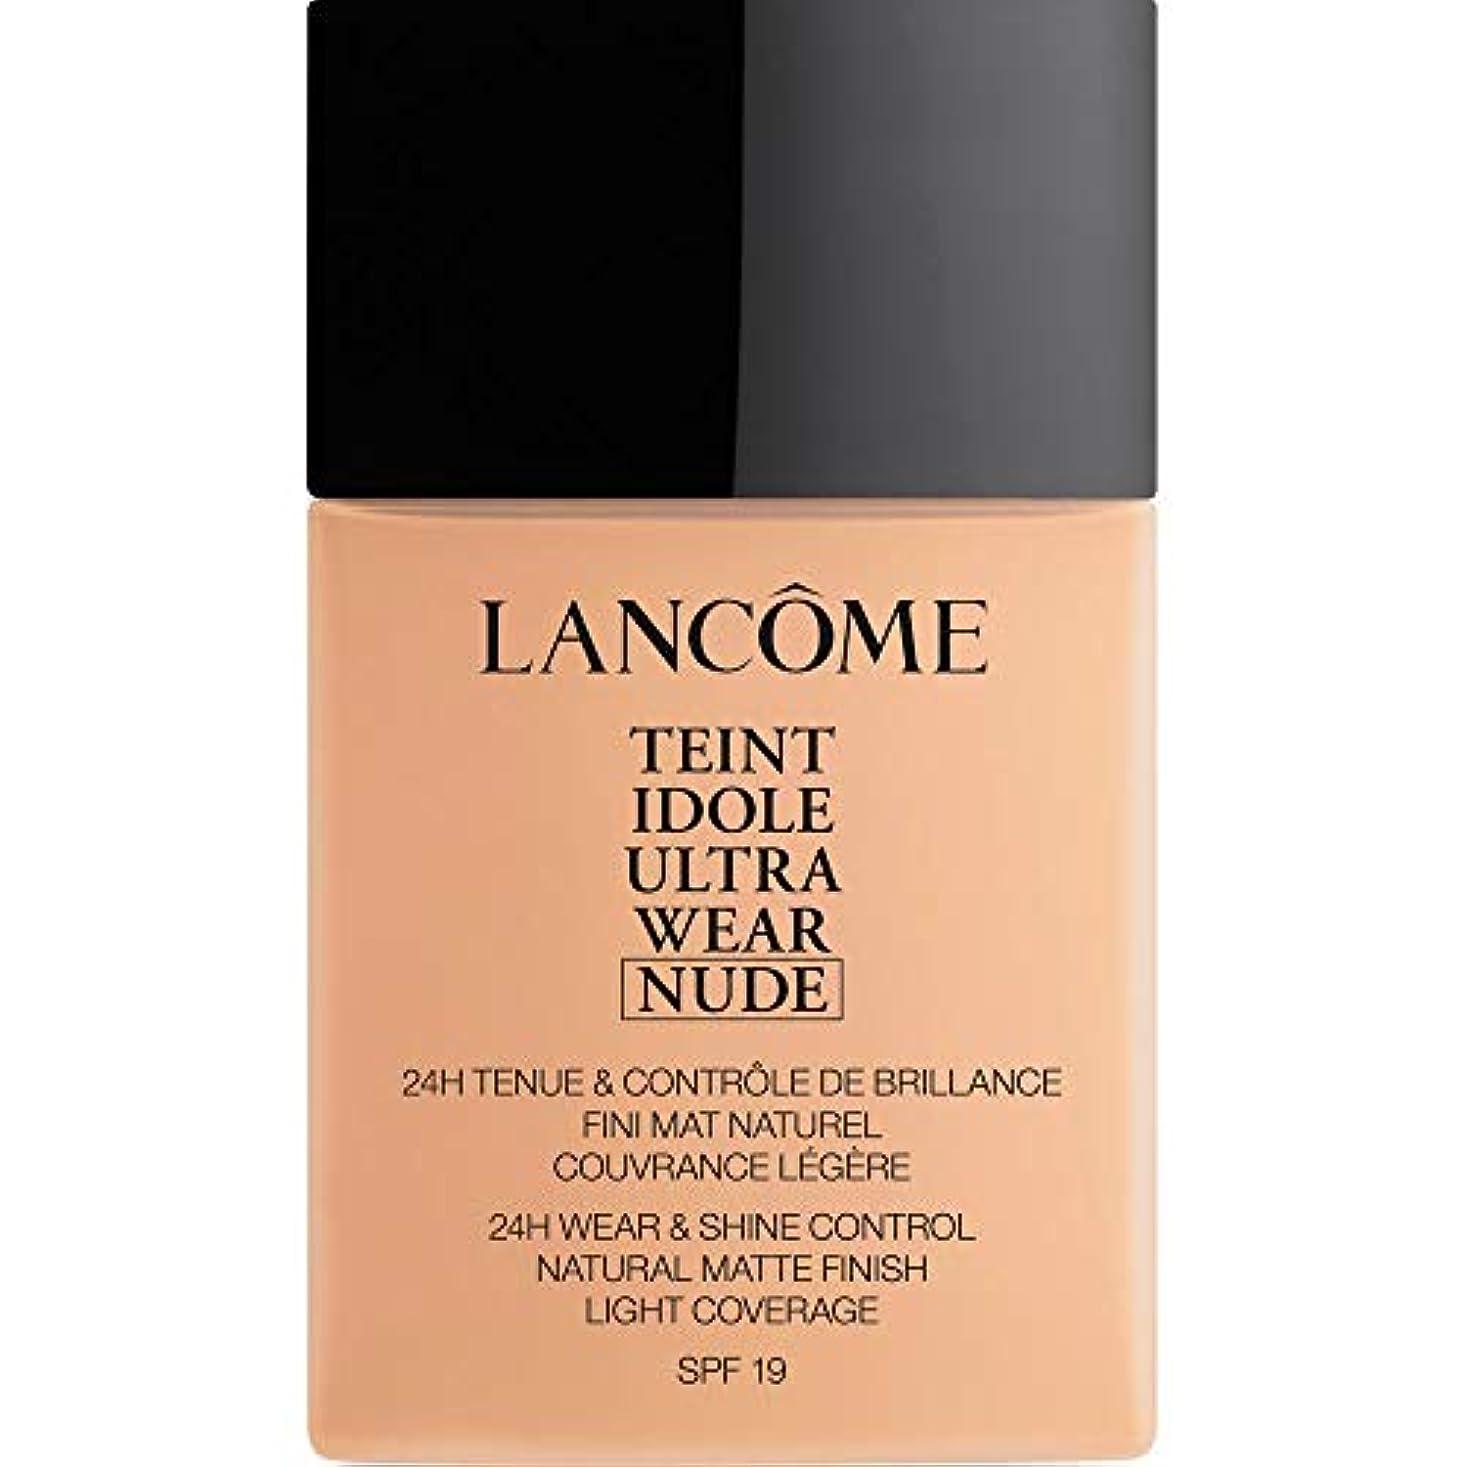 戦う気難しい性格[Lanc?me ] ランコムTeintのIdole超摩耗ヌード財団Spf19の40ミリリットル023 - ベージュオロール - Lancome Teint Idole Ultra Wear Nude Foundation...